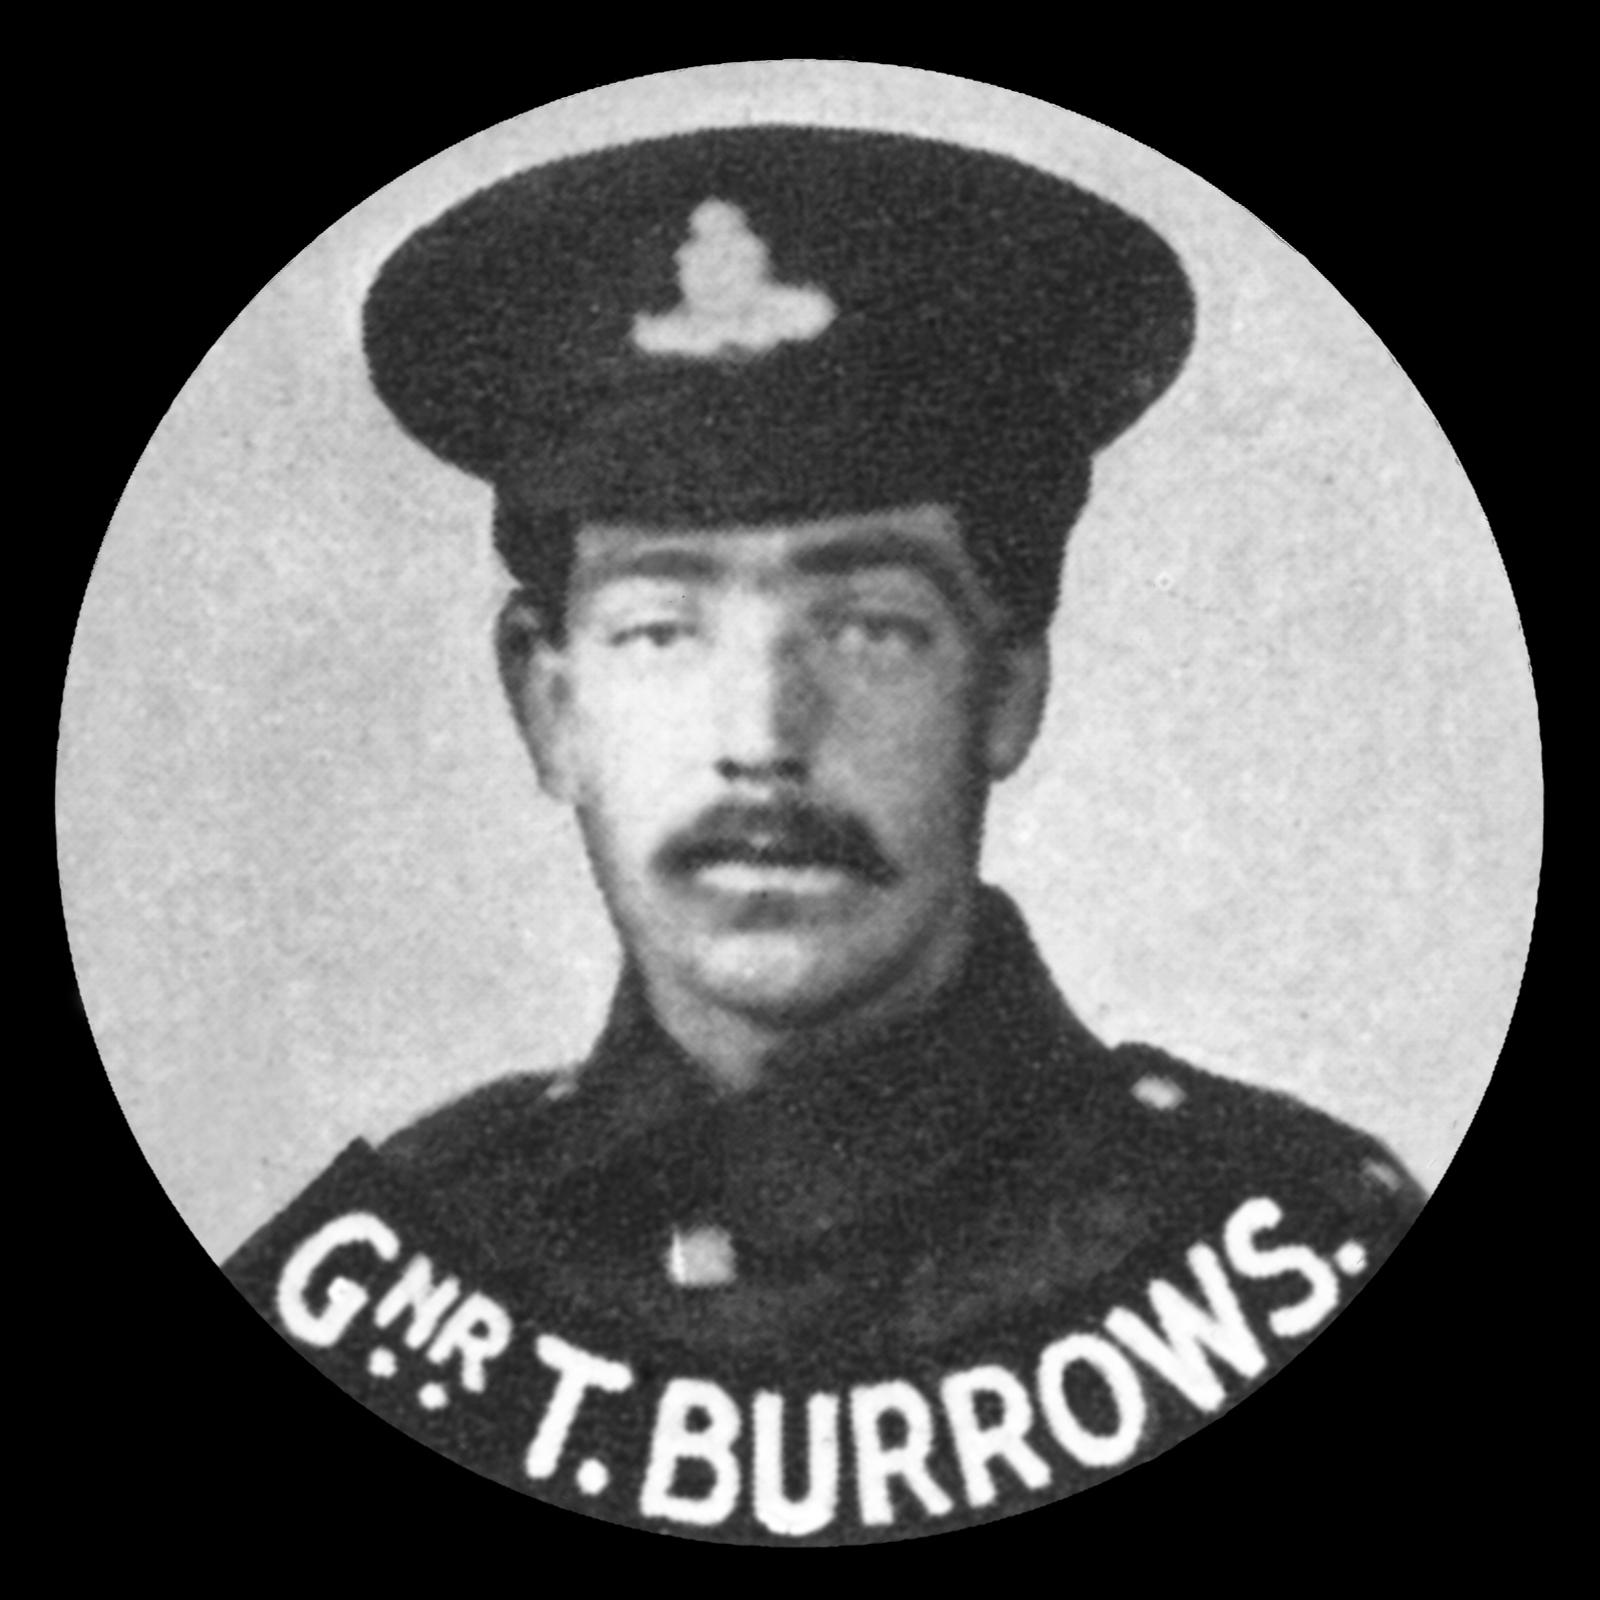 BURROWS Thomas